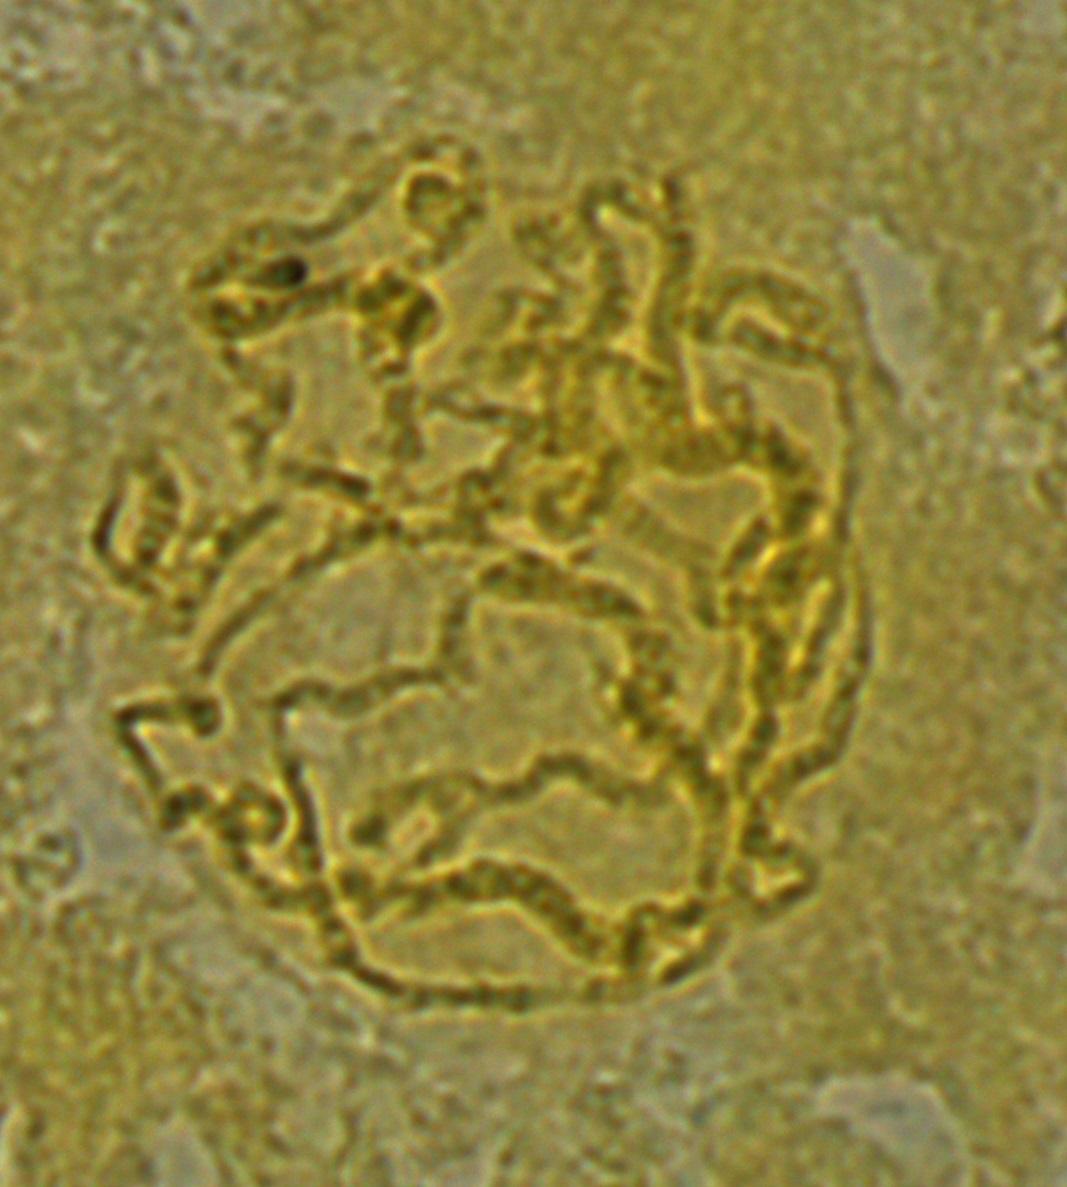 dmel-polytene-2014-07-28-11-59-22-chromosomes